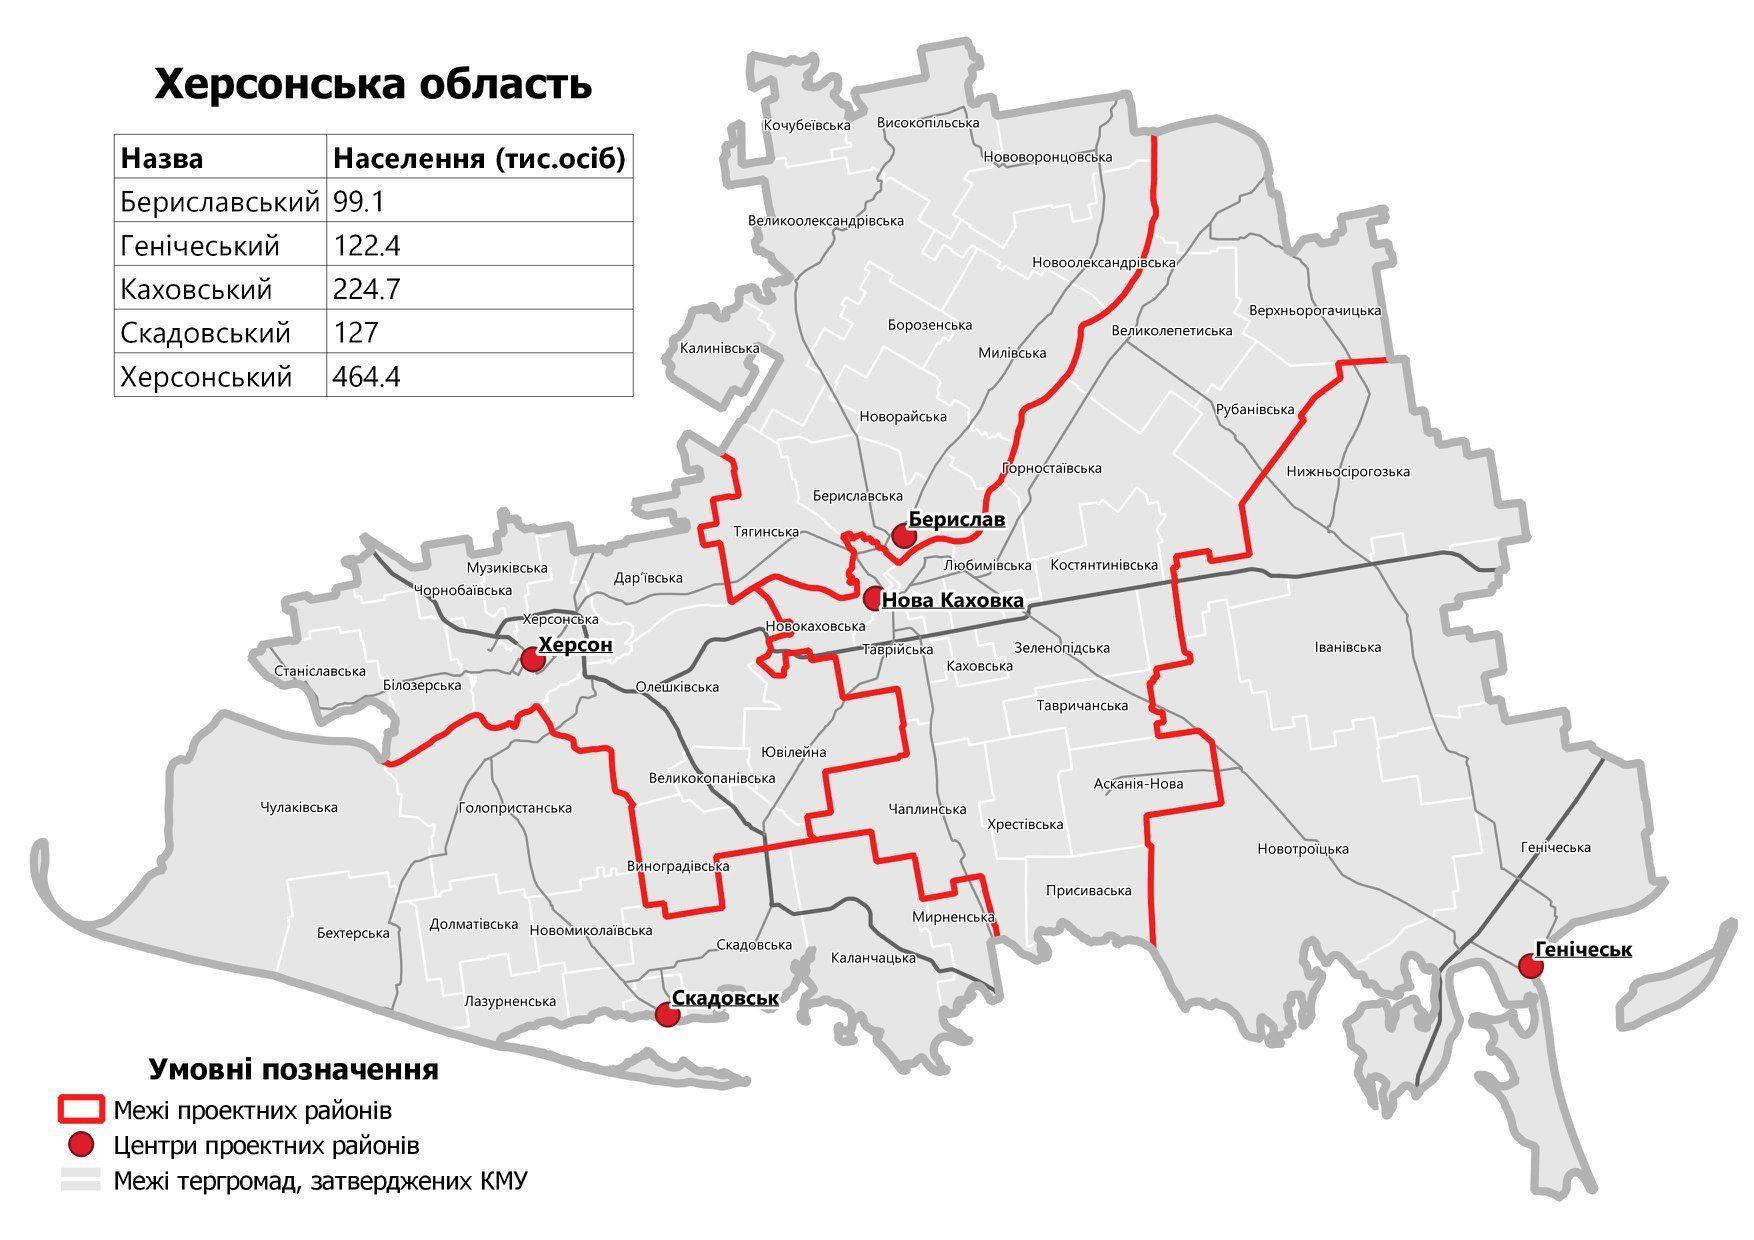 Мапа нових районів_12